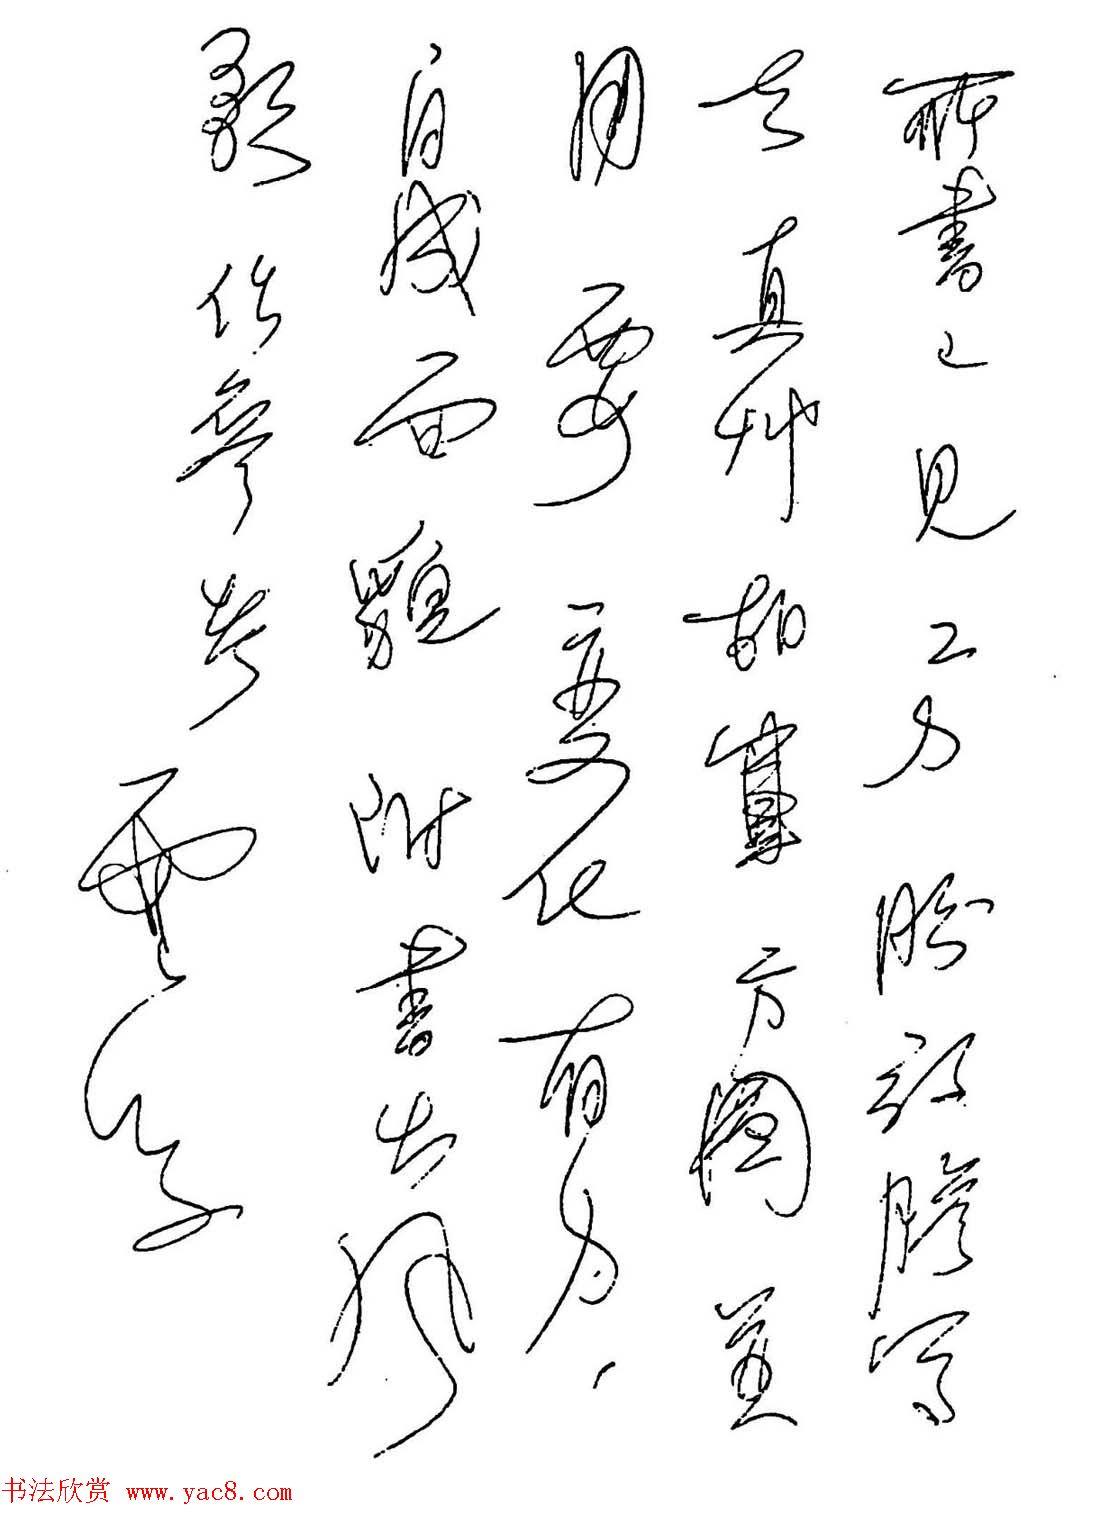 硬笔书法作品集 草书名家精品欣赏 第2页 硬笔书法 书法欣赏